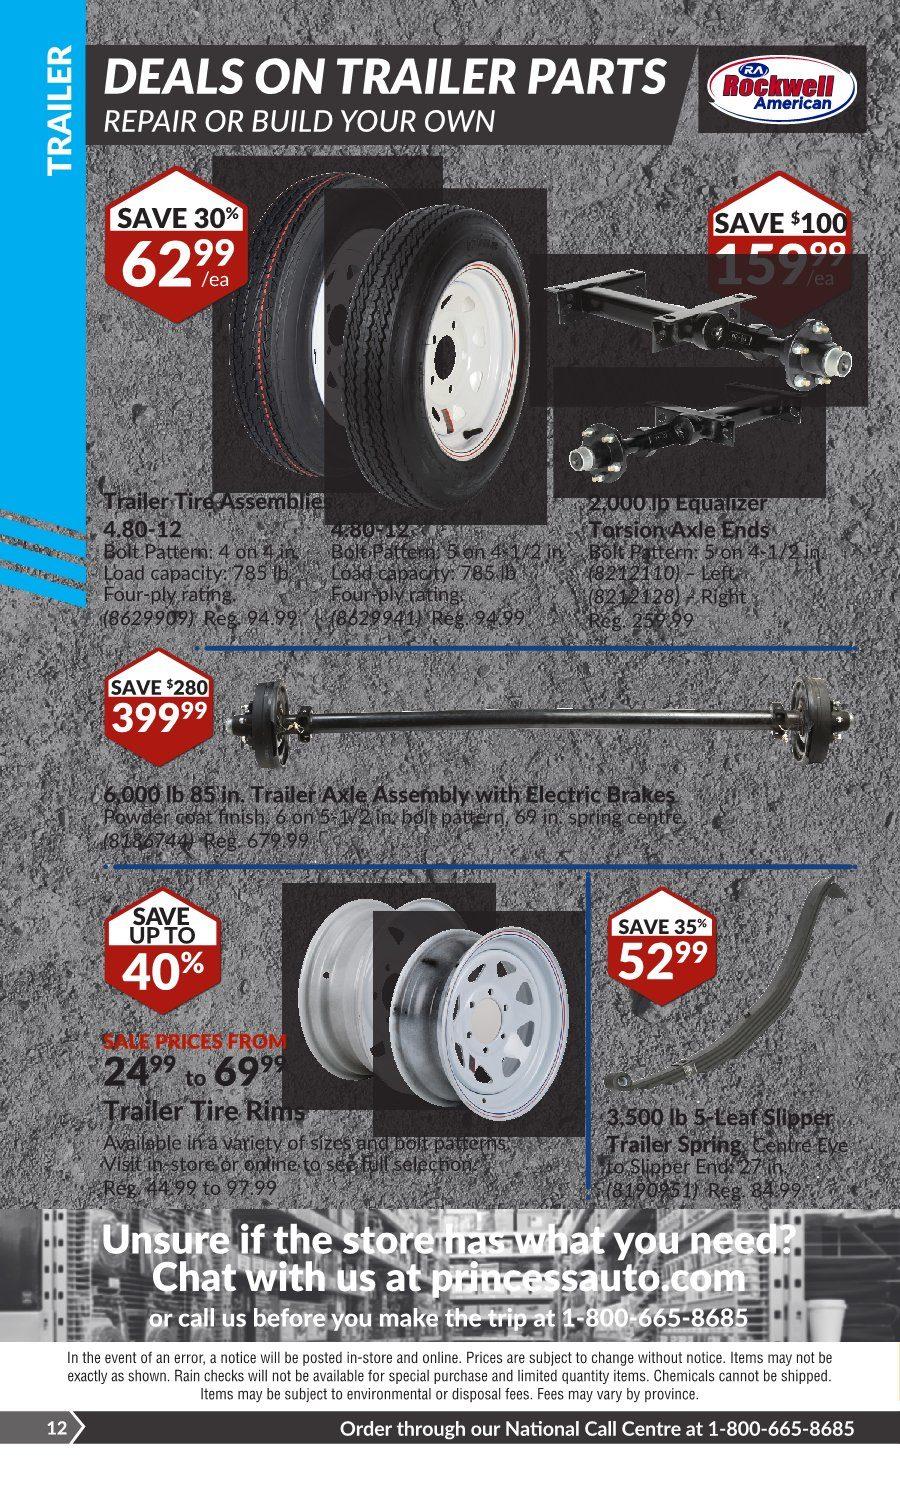 Princess Auto Weekly Flyer - 2 Week Sale! - Heavy Duty Deals